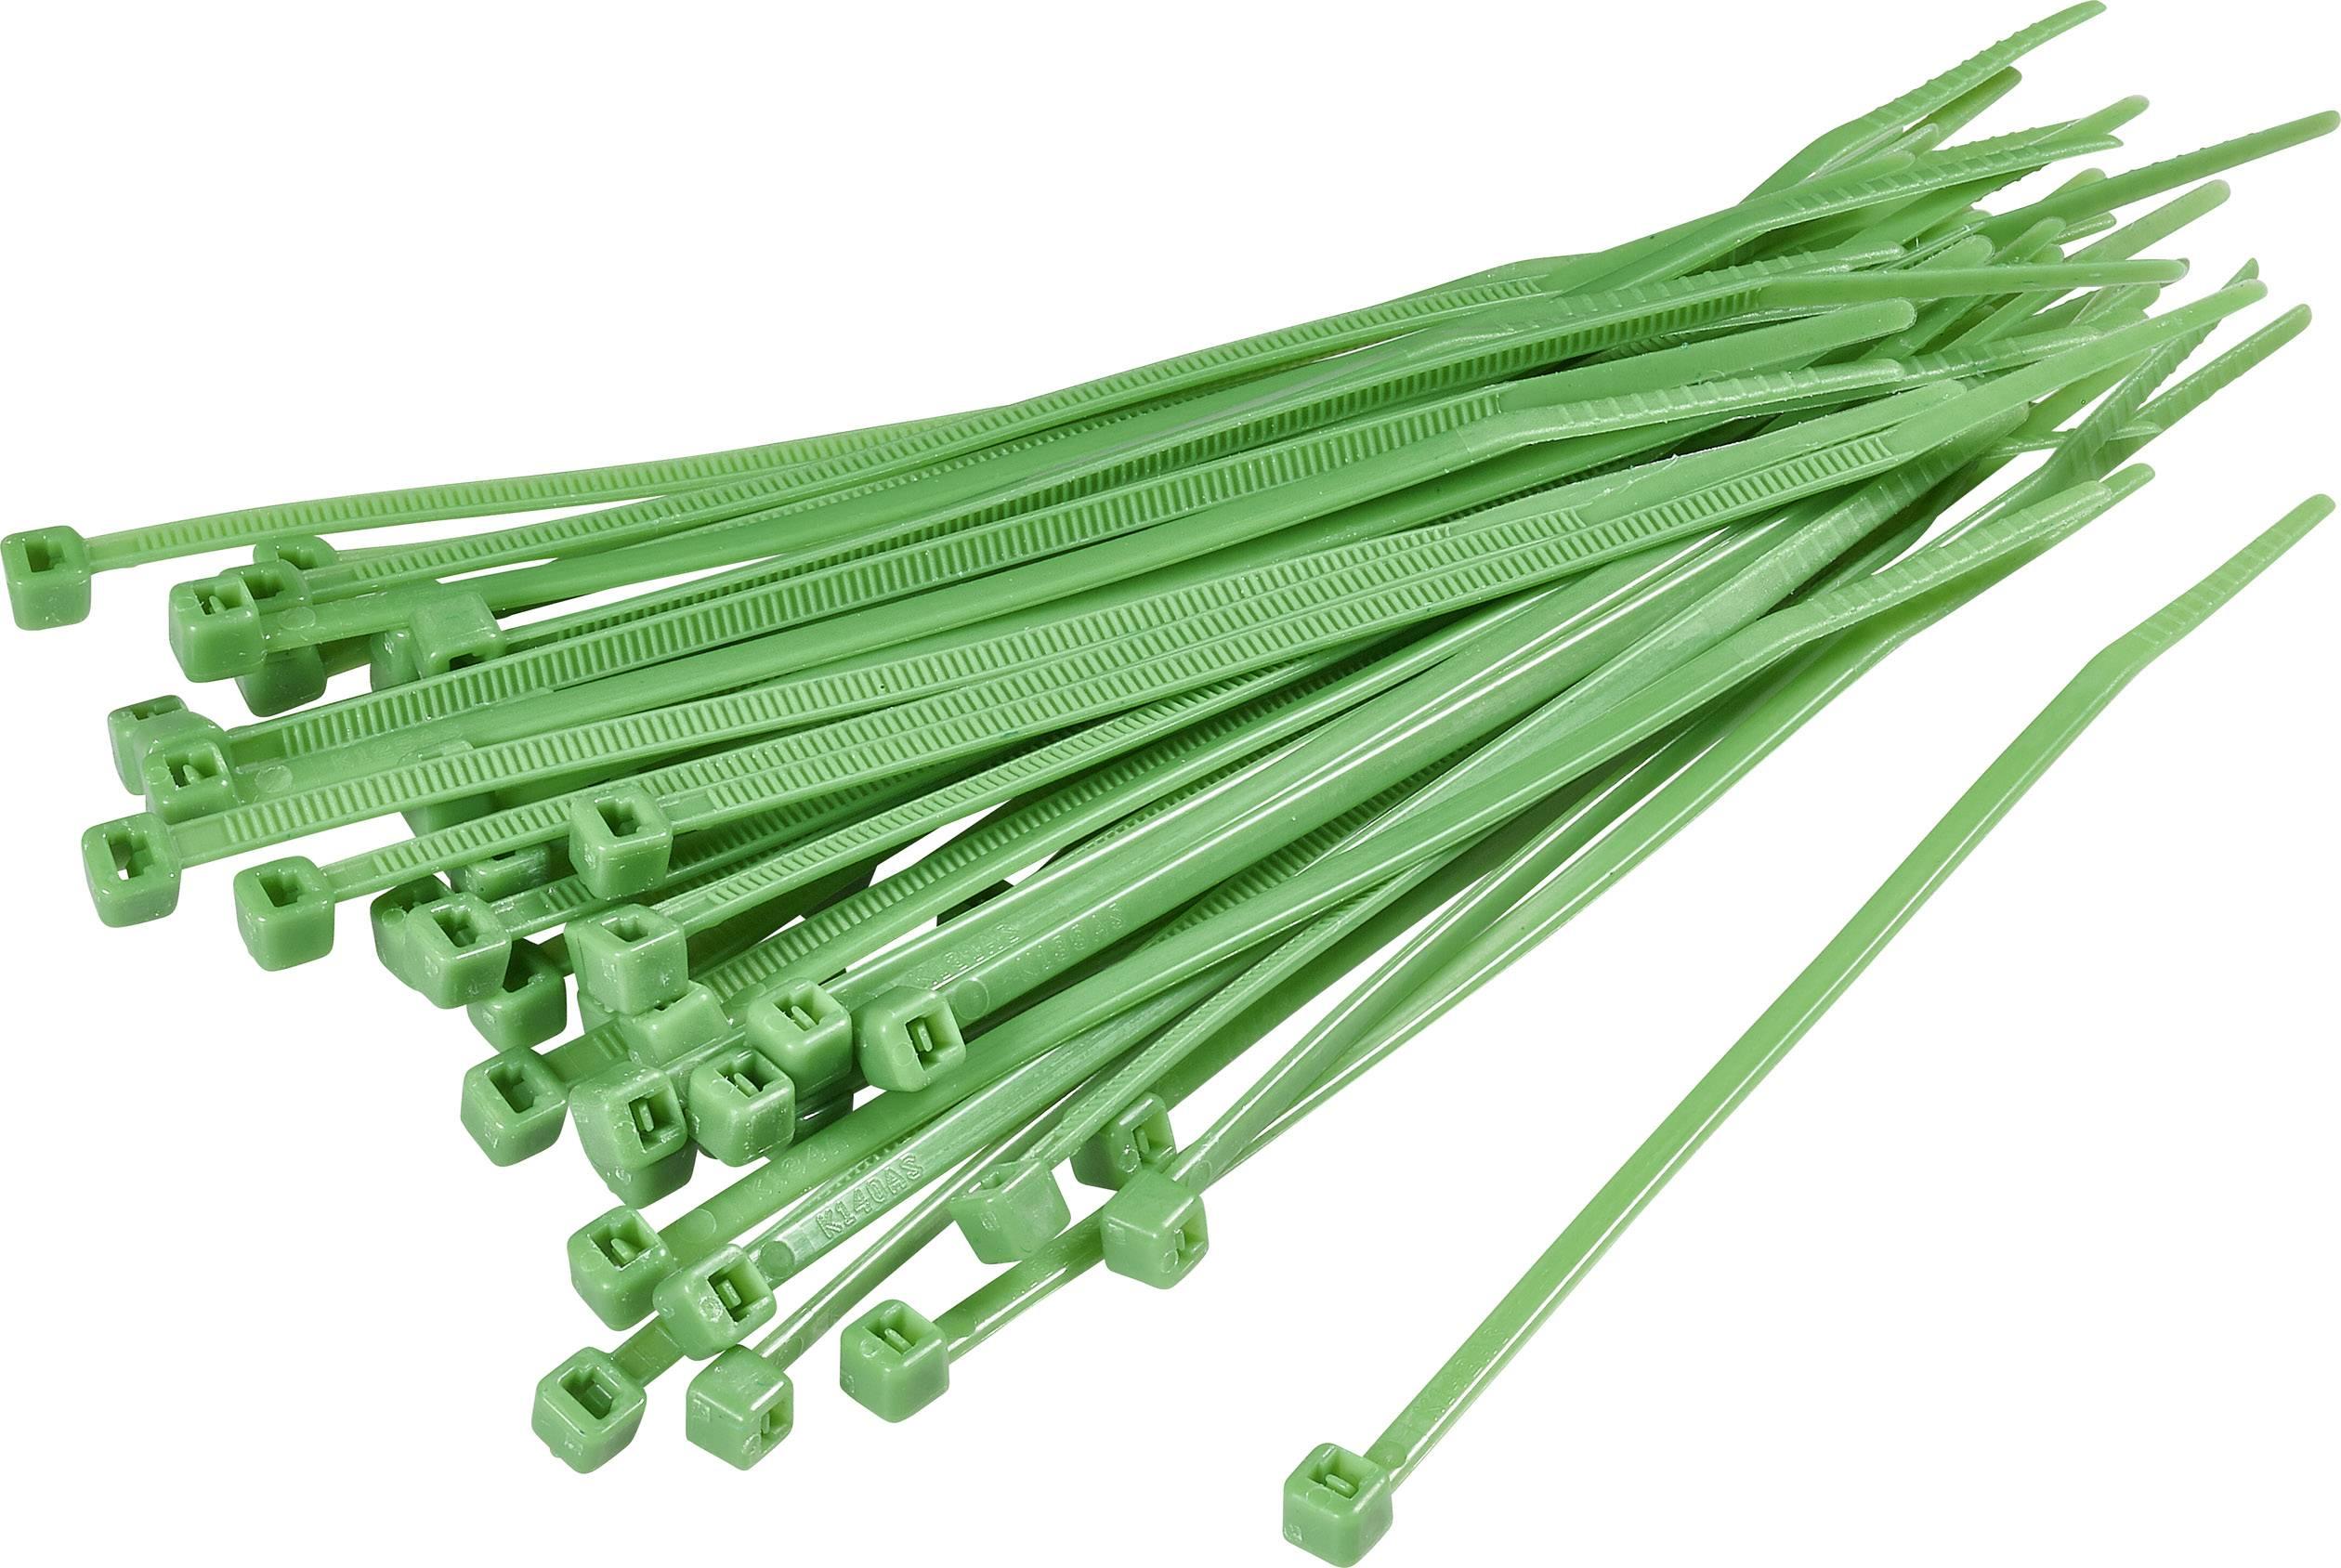 Sťahovacie pásky KSS CV150 1369087, 150 mm, zelená, 100 ks